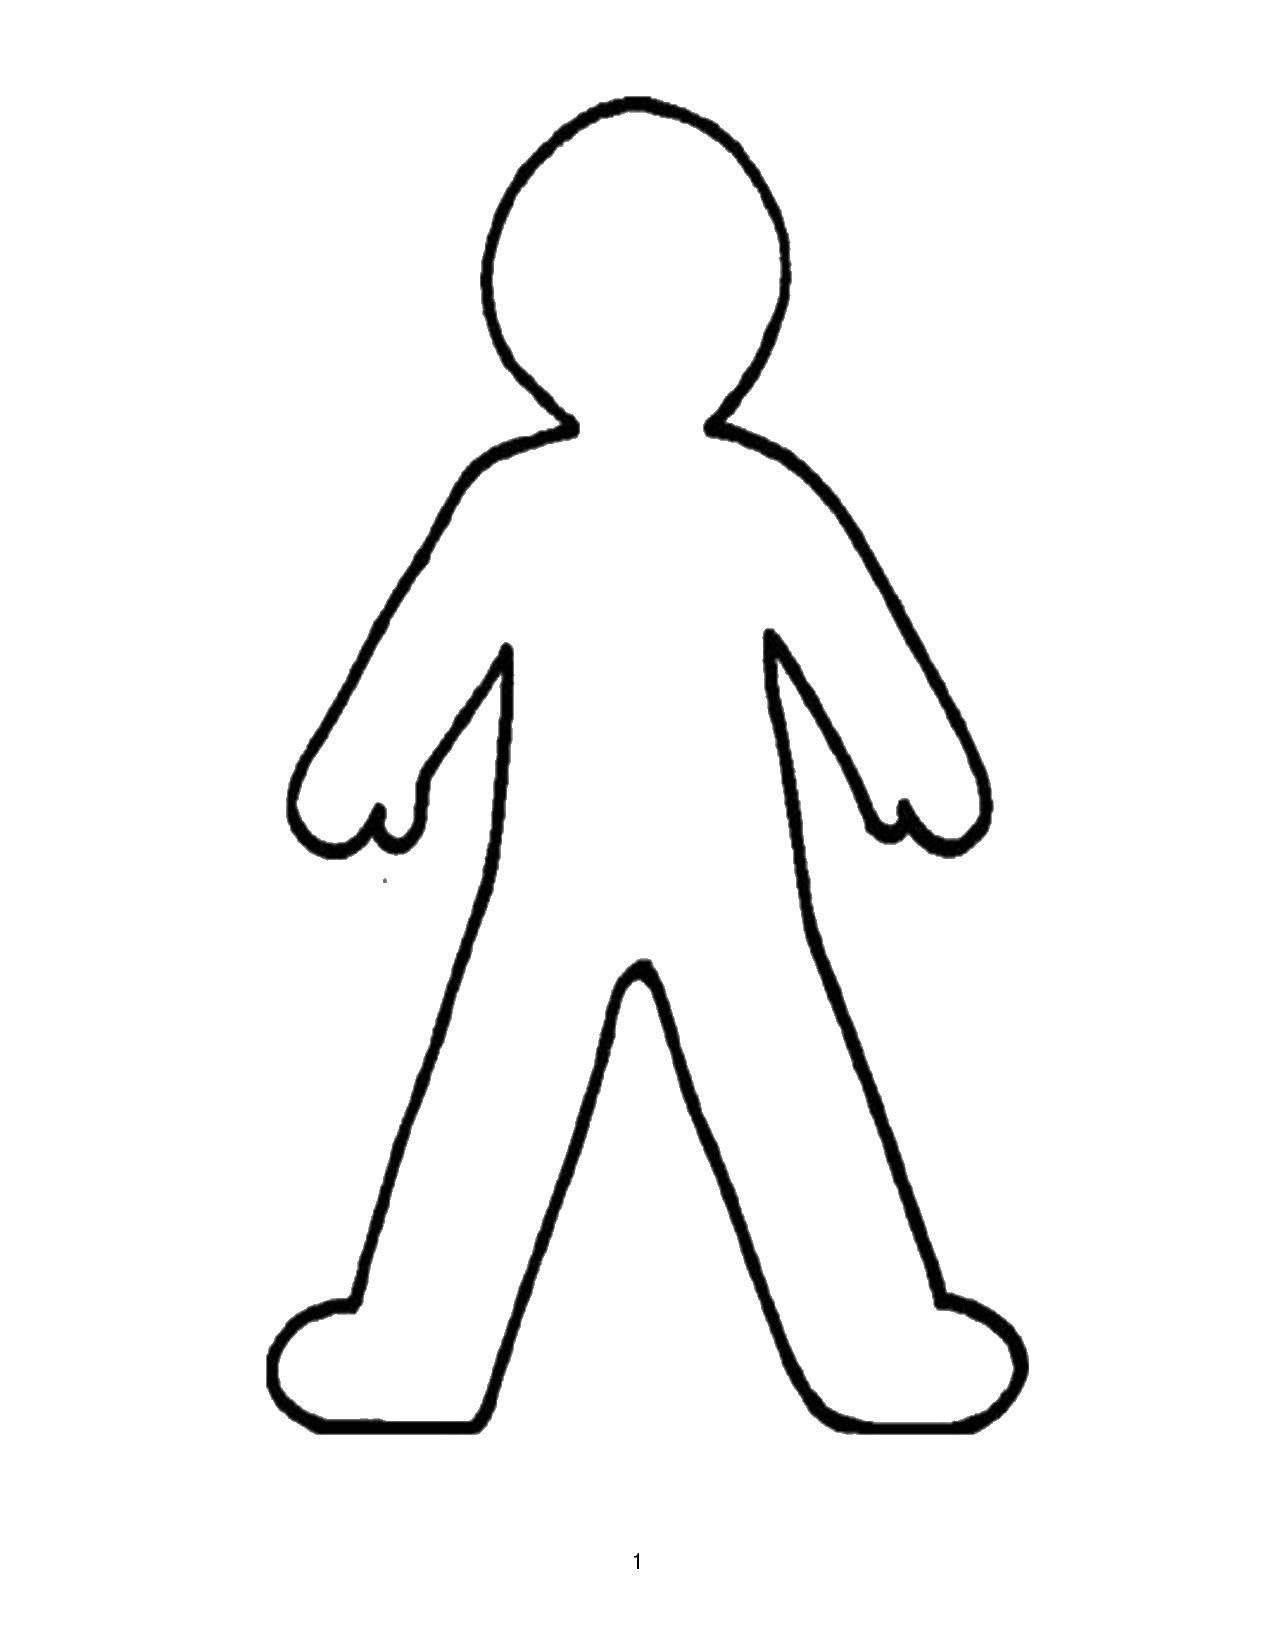 Раскраска Контур ребенка Скачать Контур, девочки.  Распечатать ,Контуры человека для вырезания,